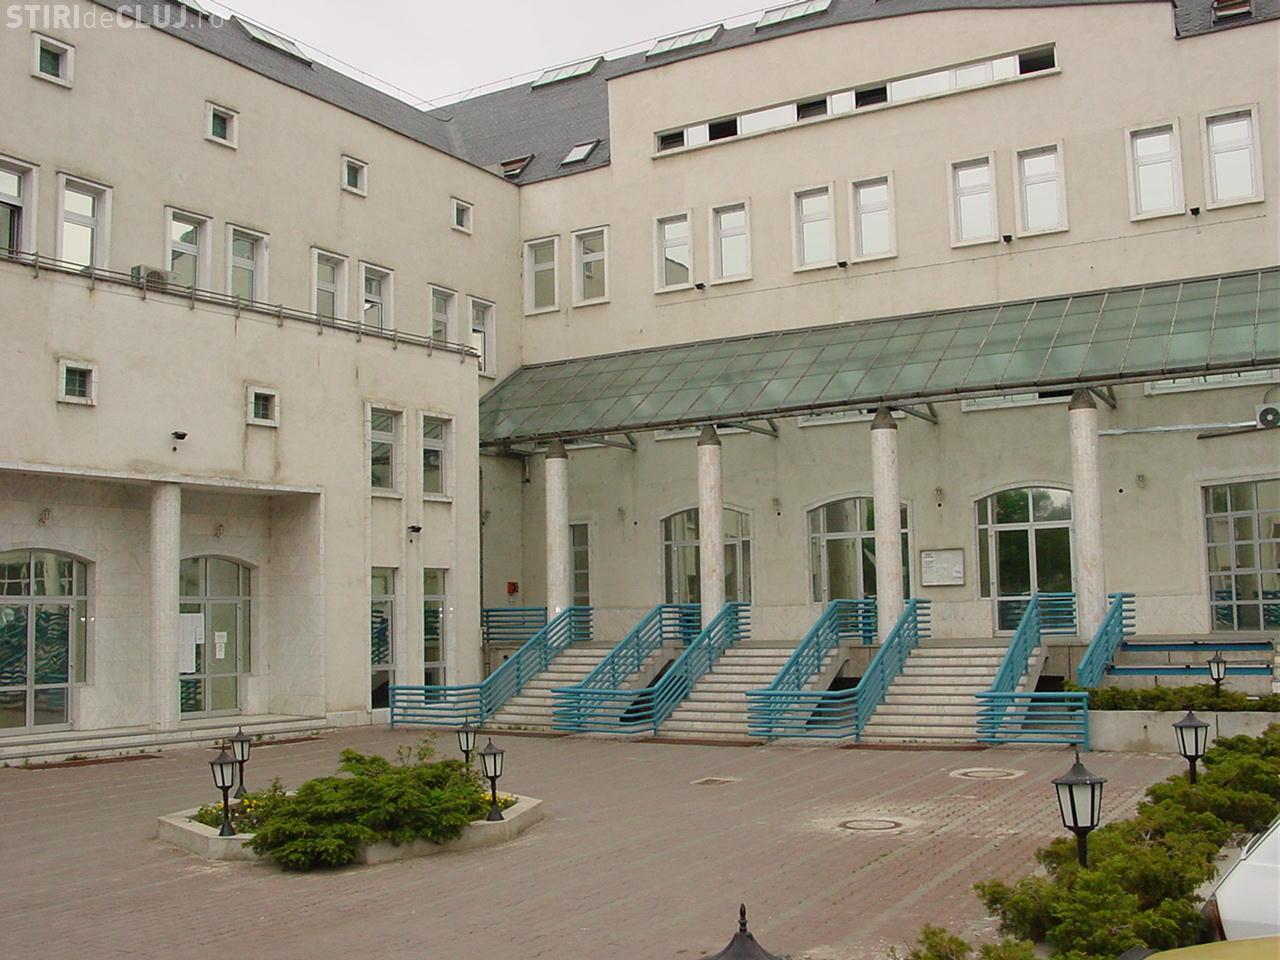 Numarul somerilor inregistrati in judetul Cluj a scazut cu 700 in iunie fata de luna mai